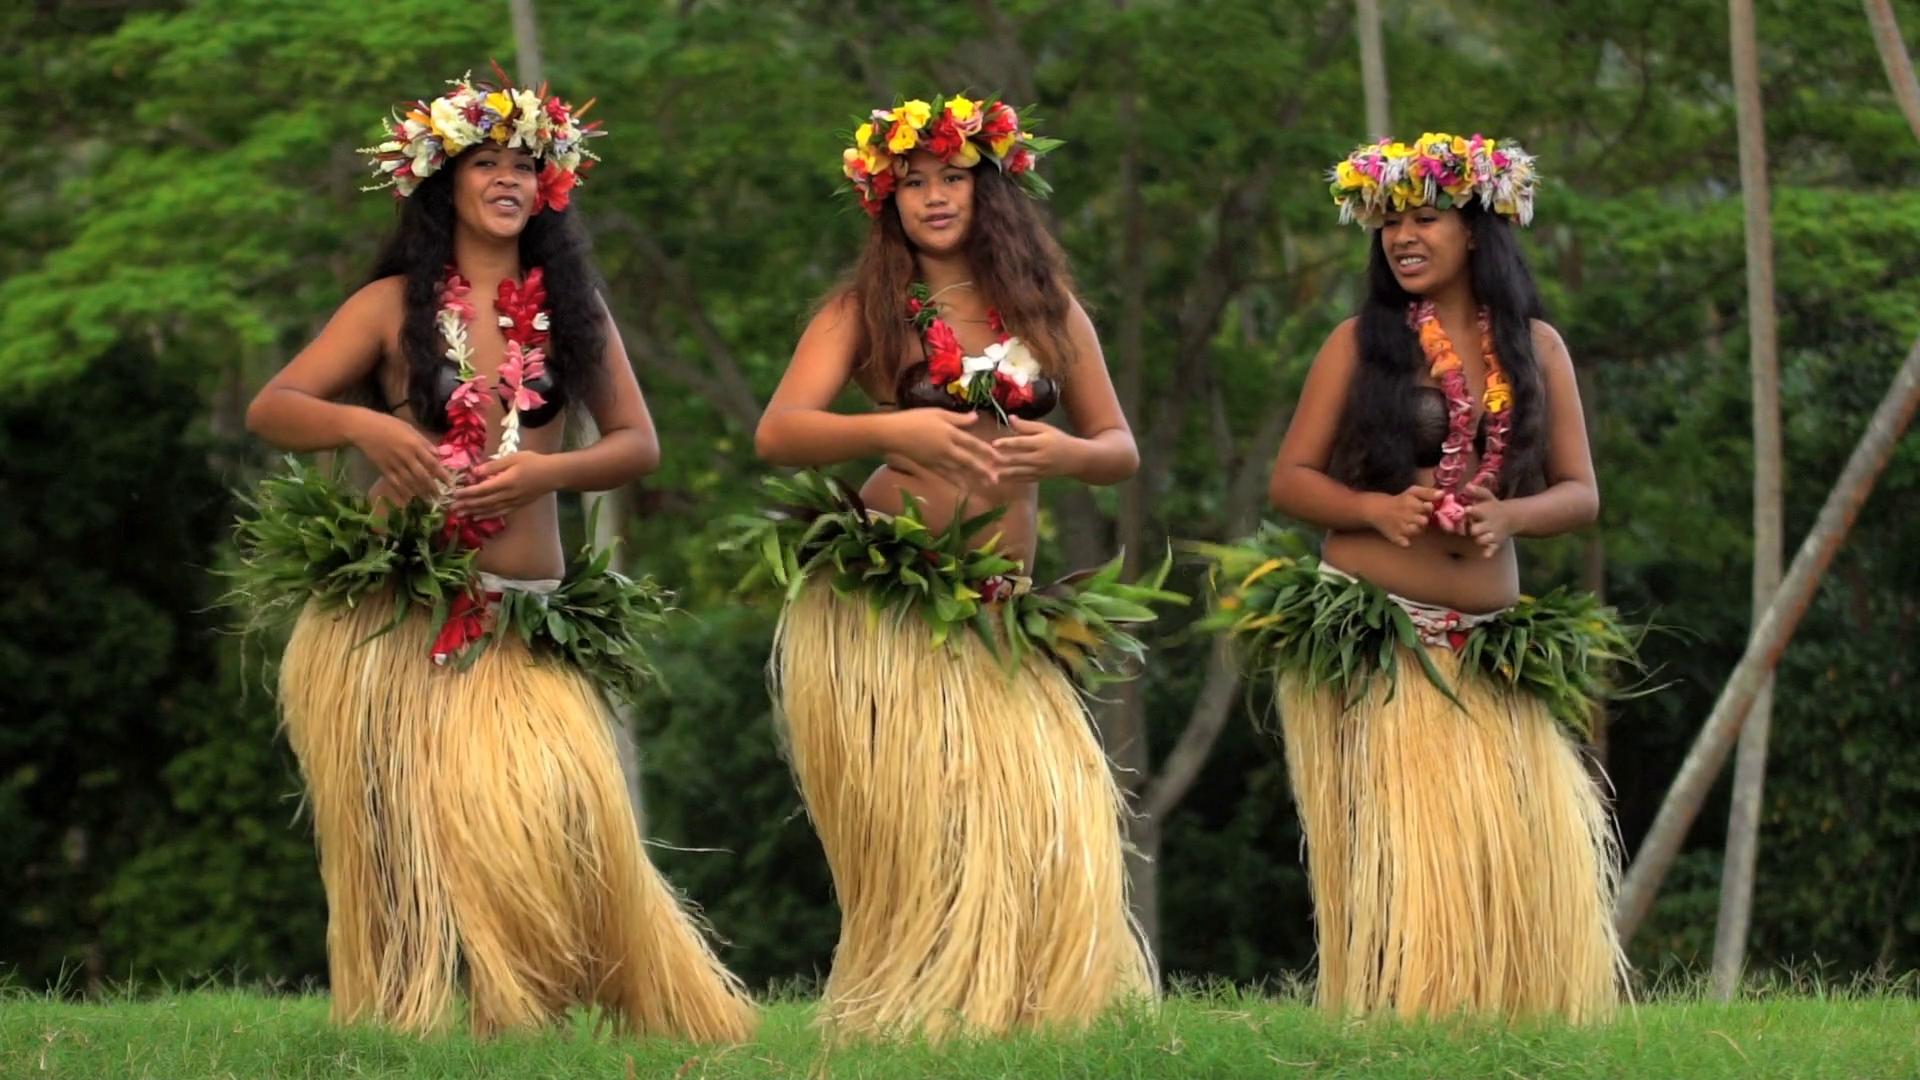 Hula dancers photo